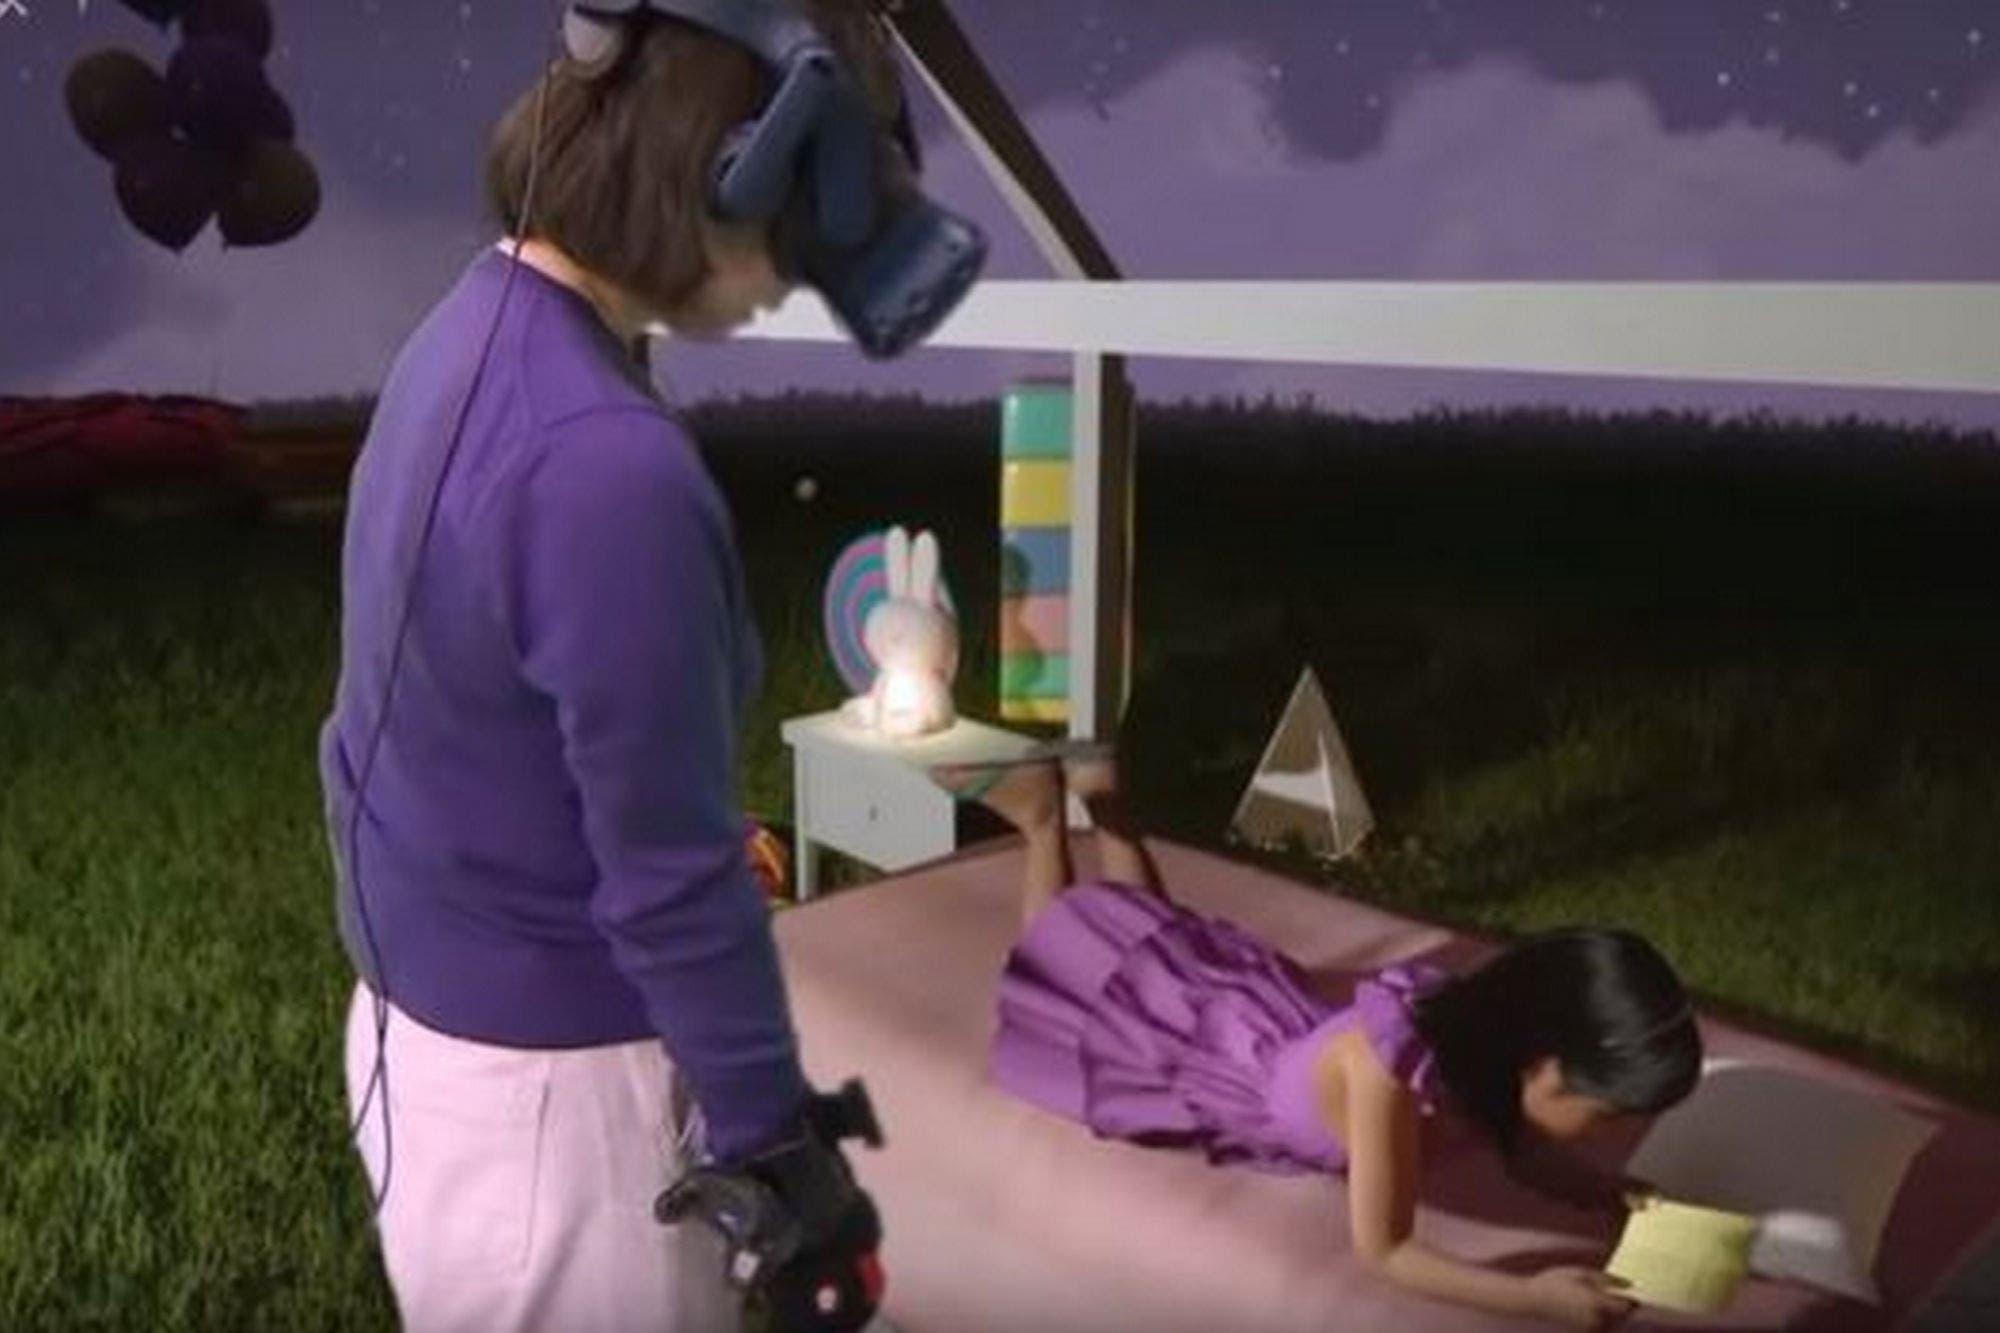 El polémico caso de una madre que se reencontró con su hija muerta con un visor de realidad virtual